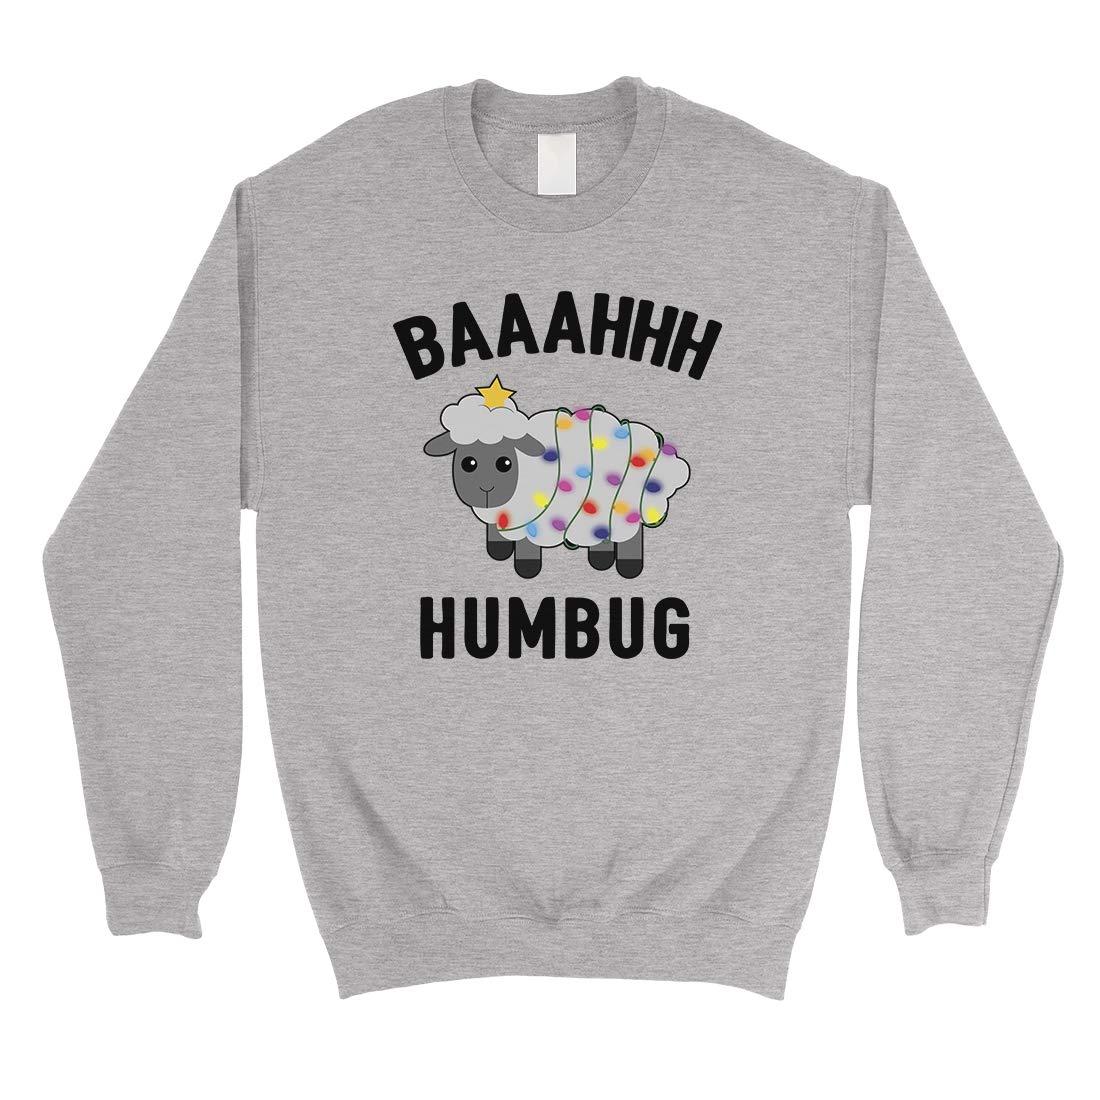 365 Printing Baaahhh Humbug Funny Christmas Unisex Sweashirt Gift Idea